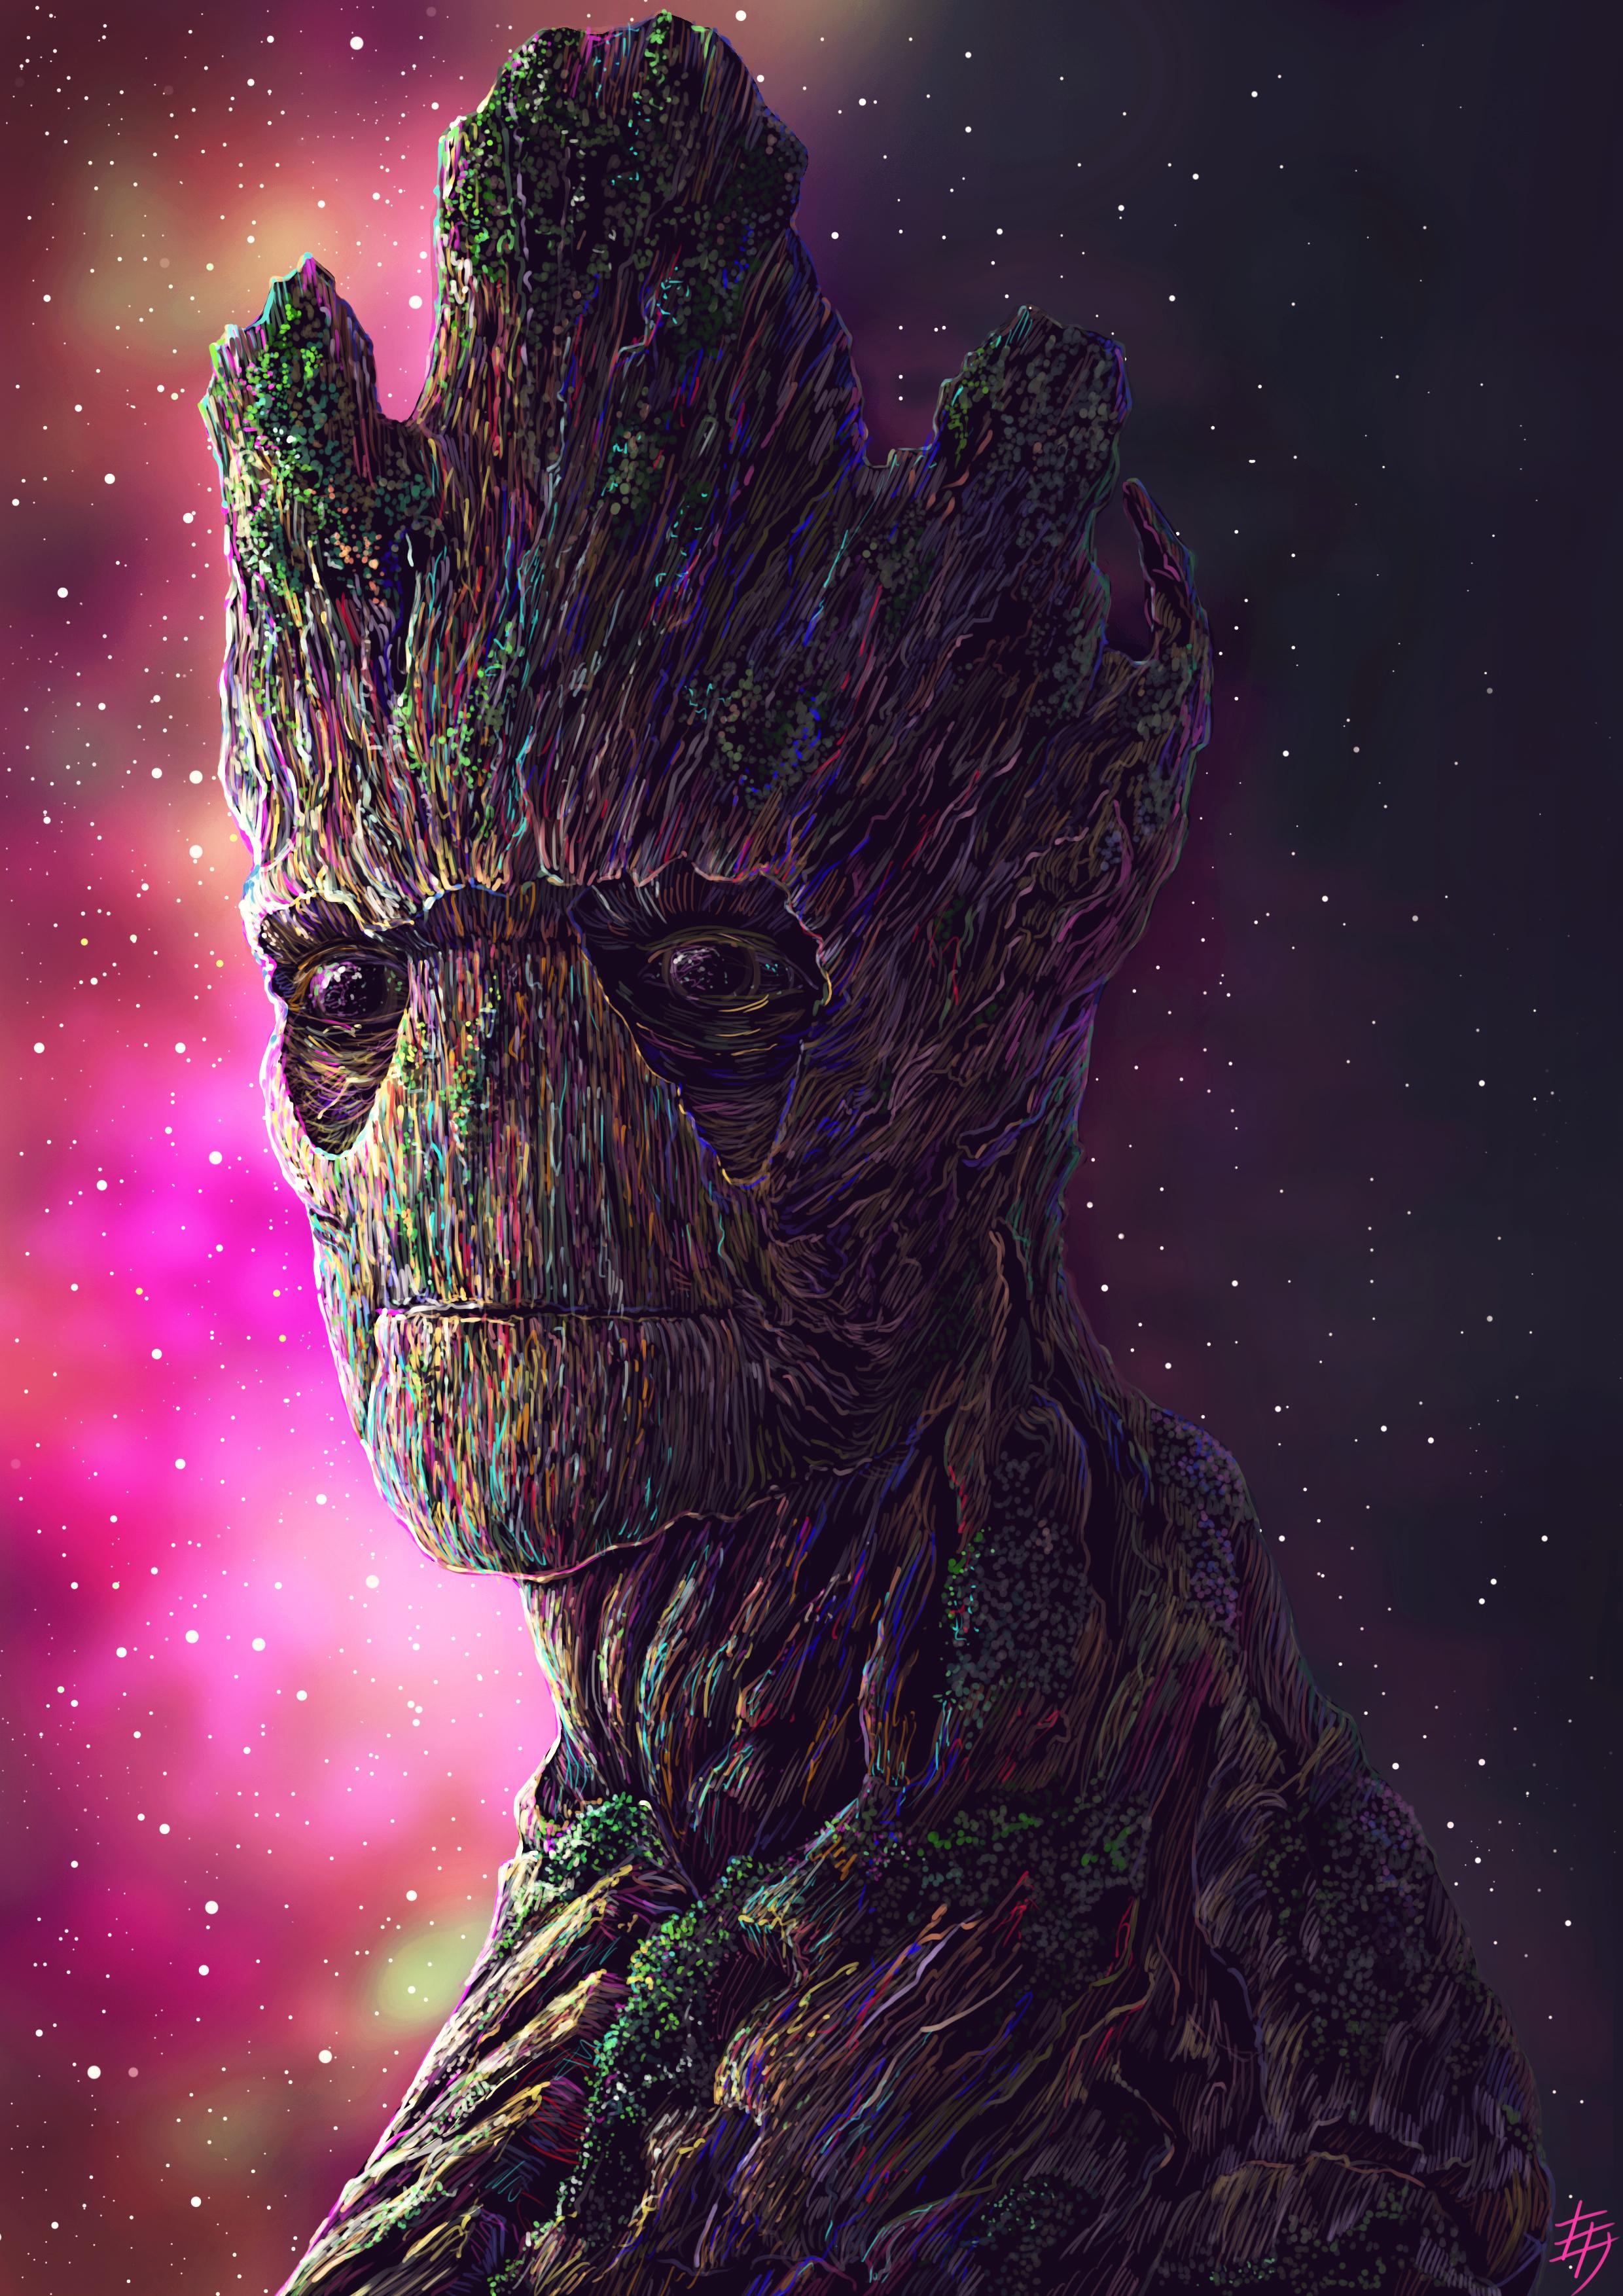 Groot Digital Art 4k, HD Superheroes, 4k Wallpapers ...